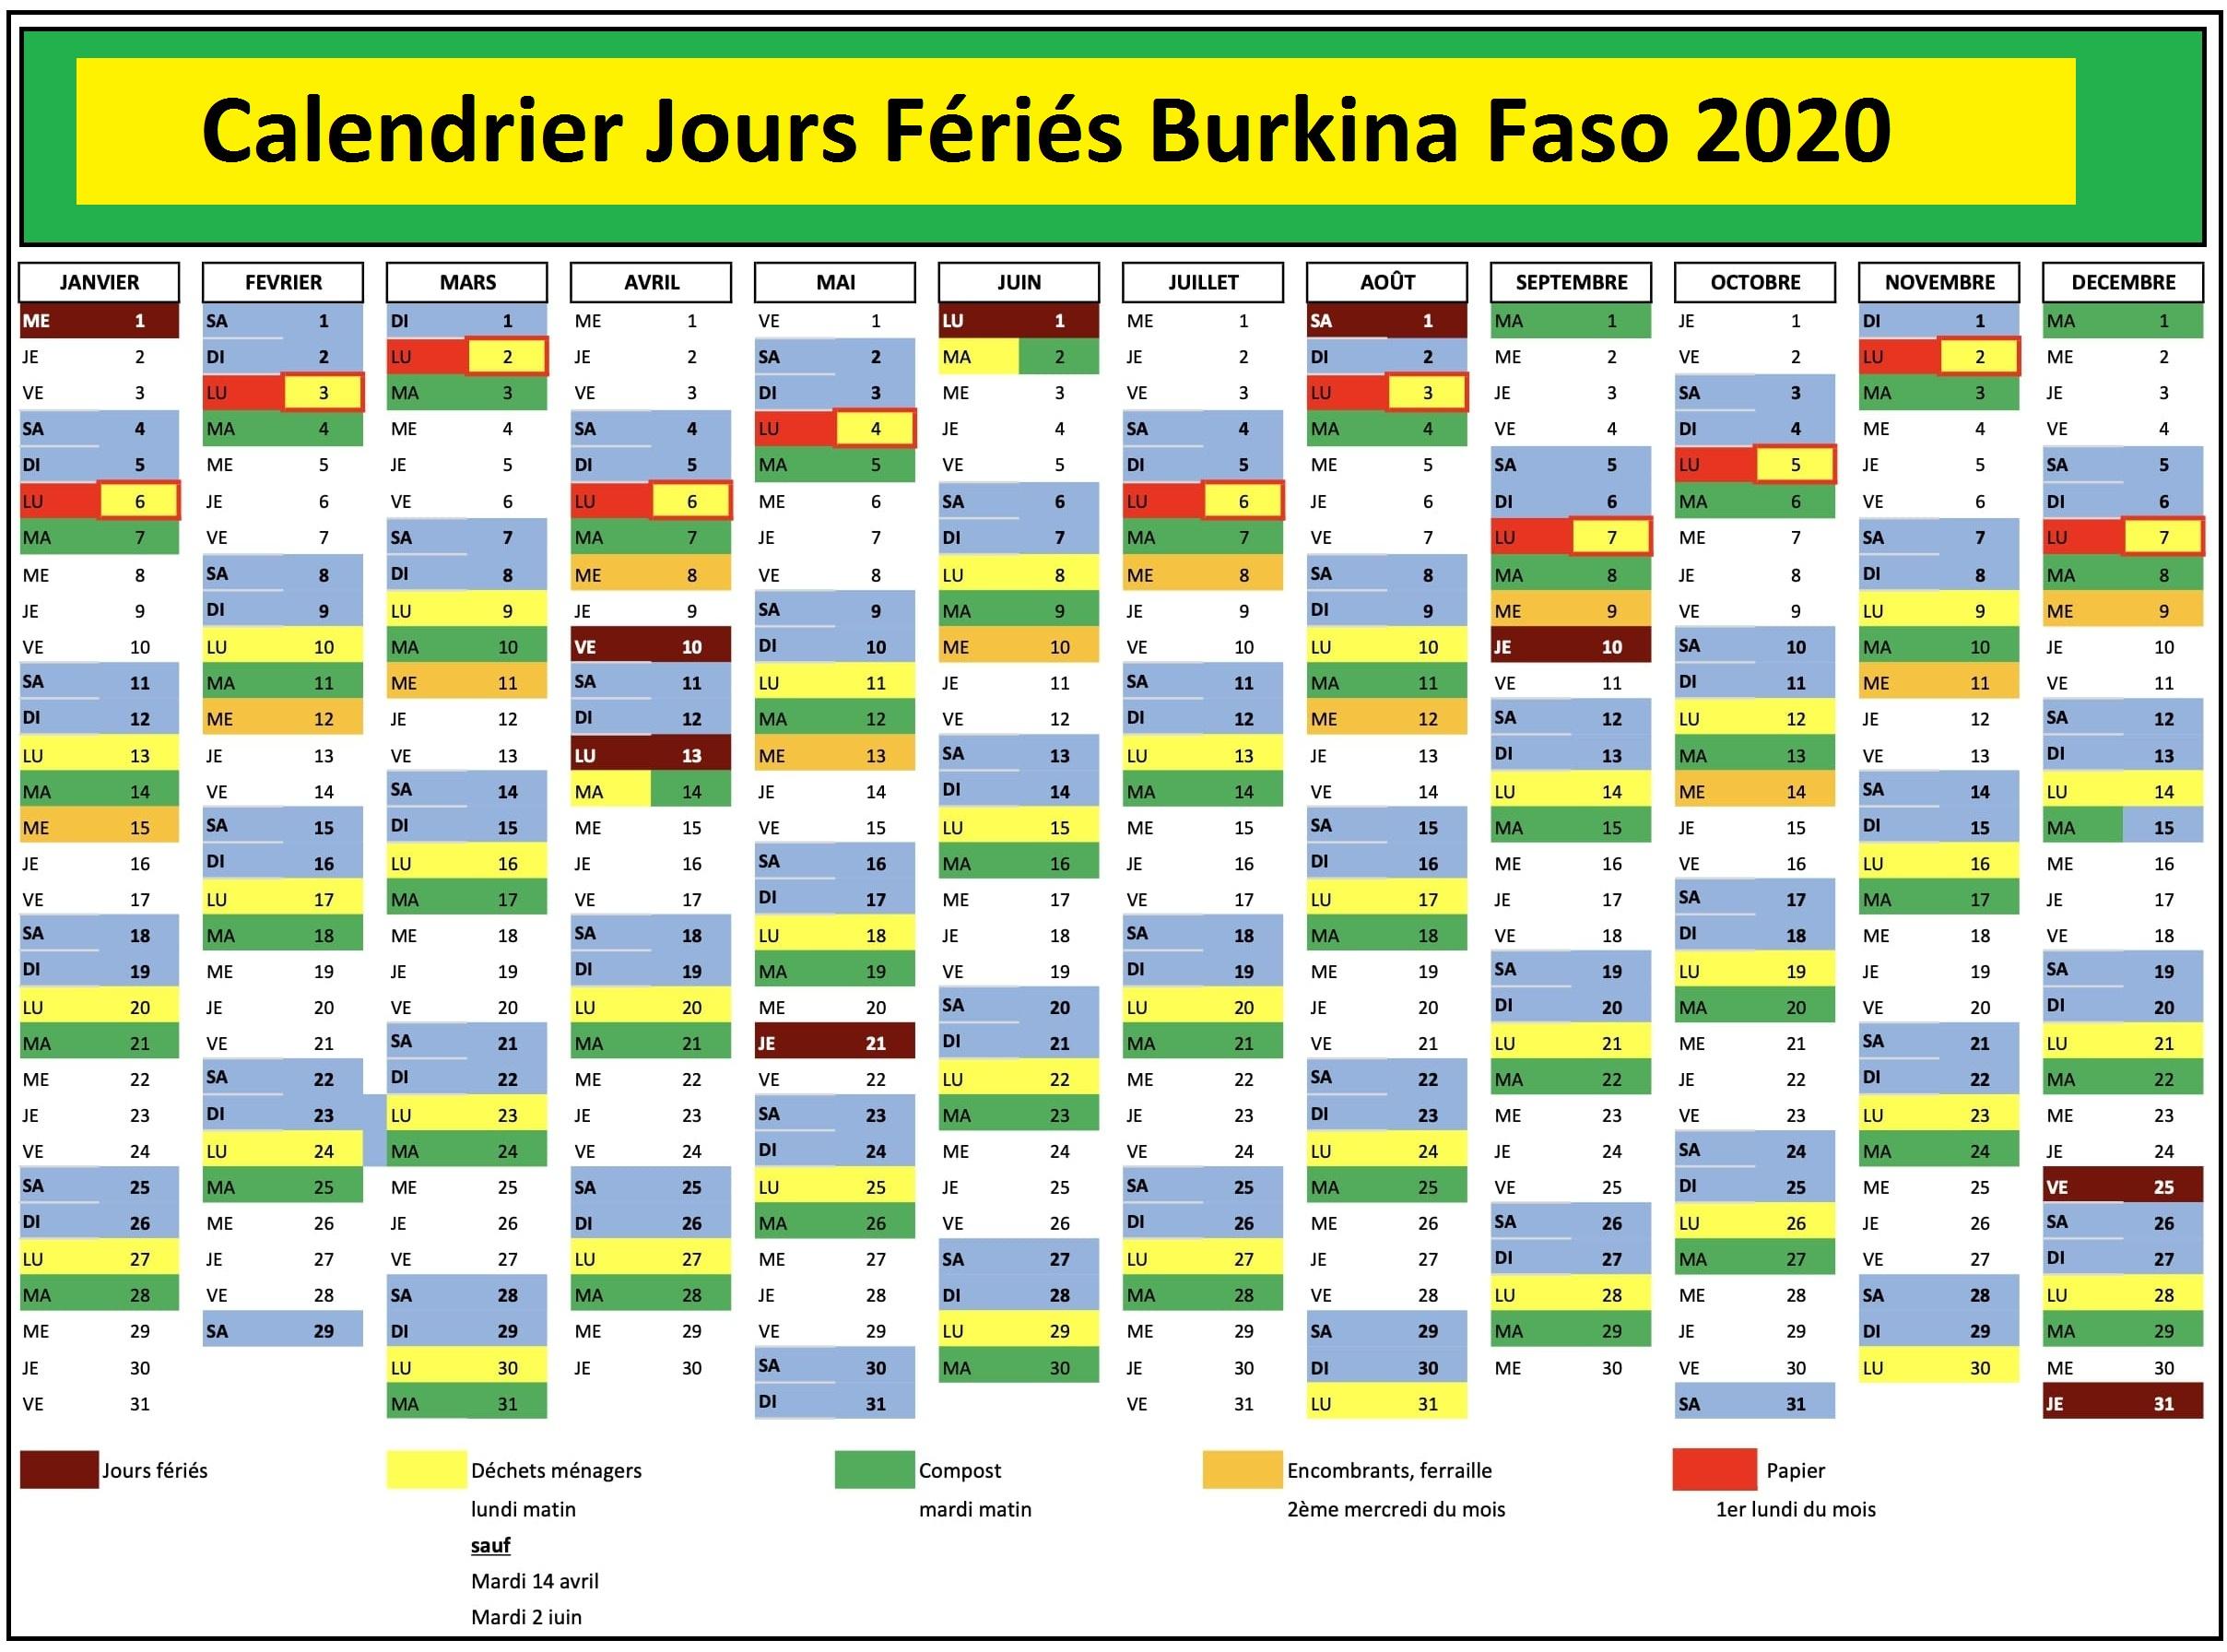 Jours Fériés Burkina Faso 2020 Excel